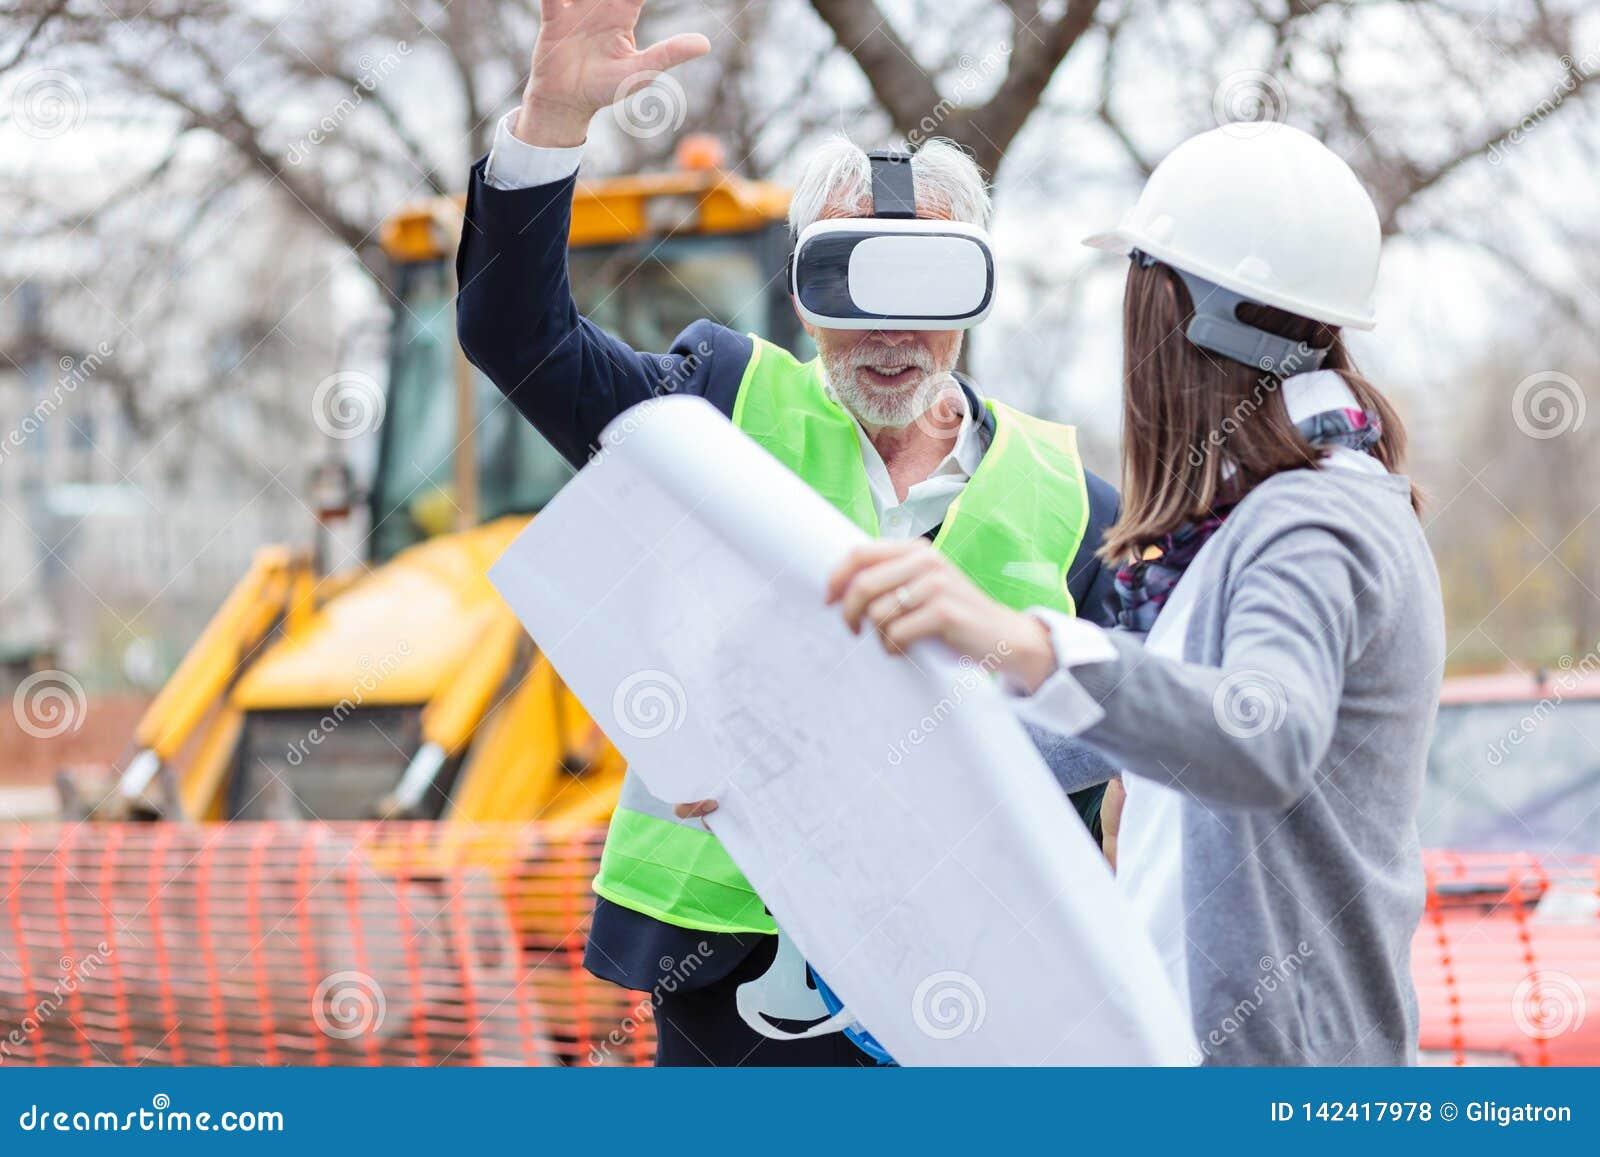 Architecte ou homme d affaires supérieur employant des lunettes de réalité virtuelle sur un chantier de construction